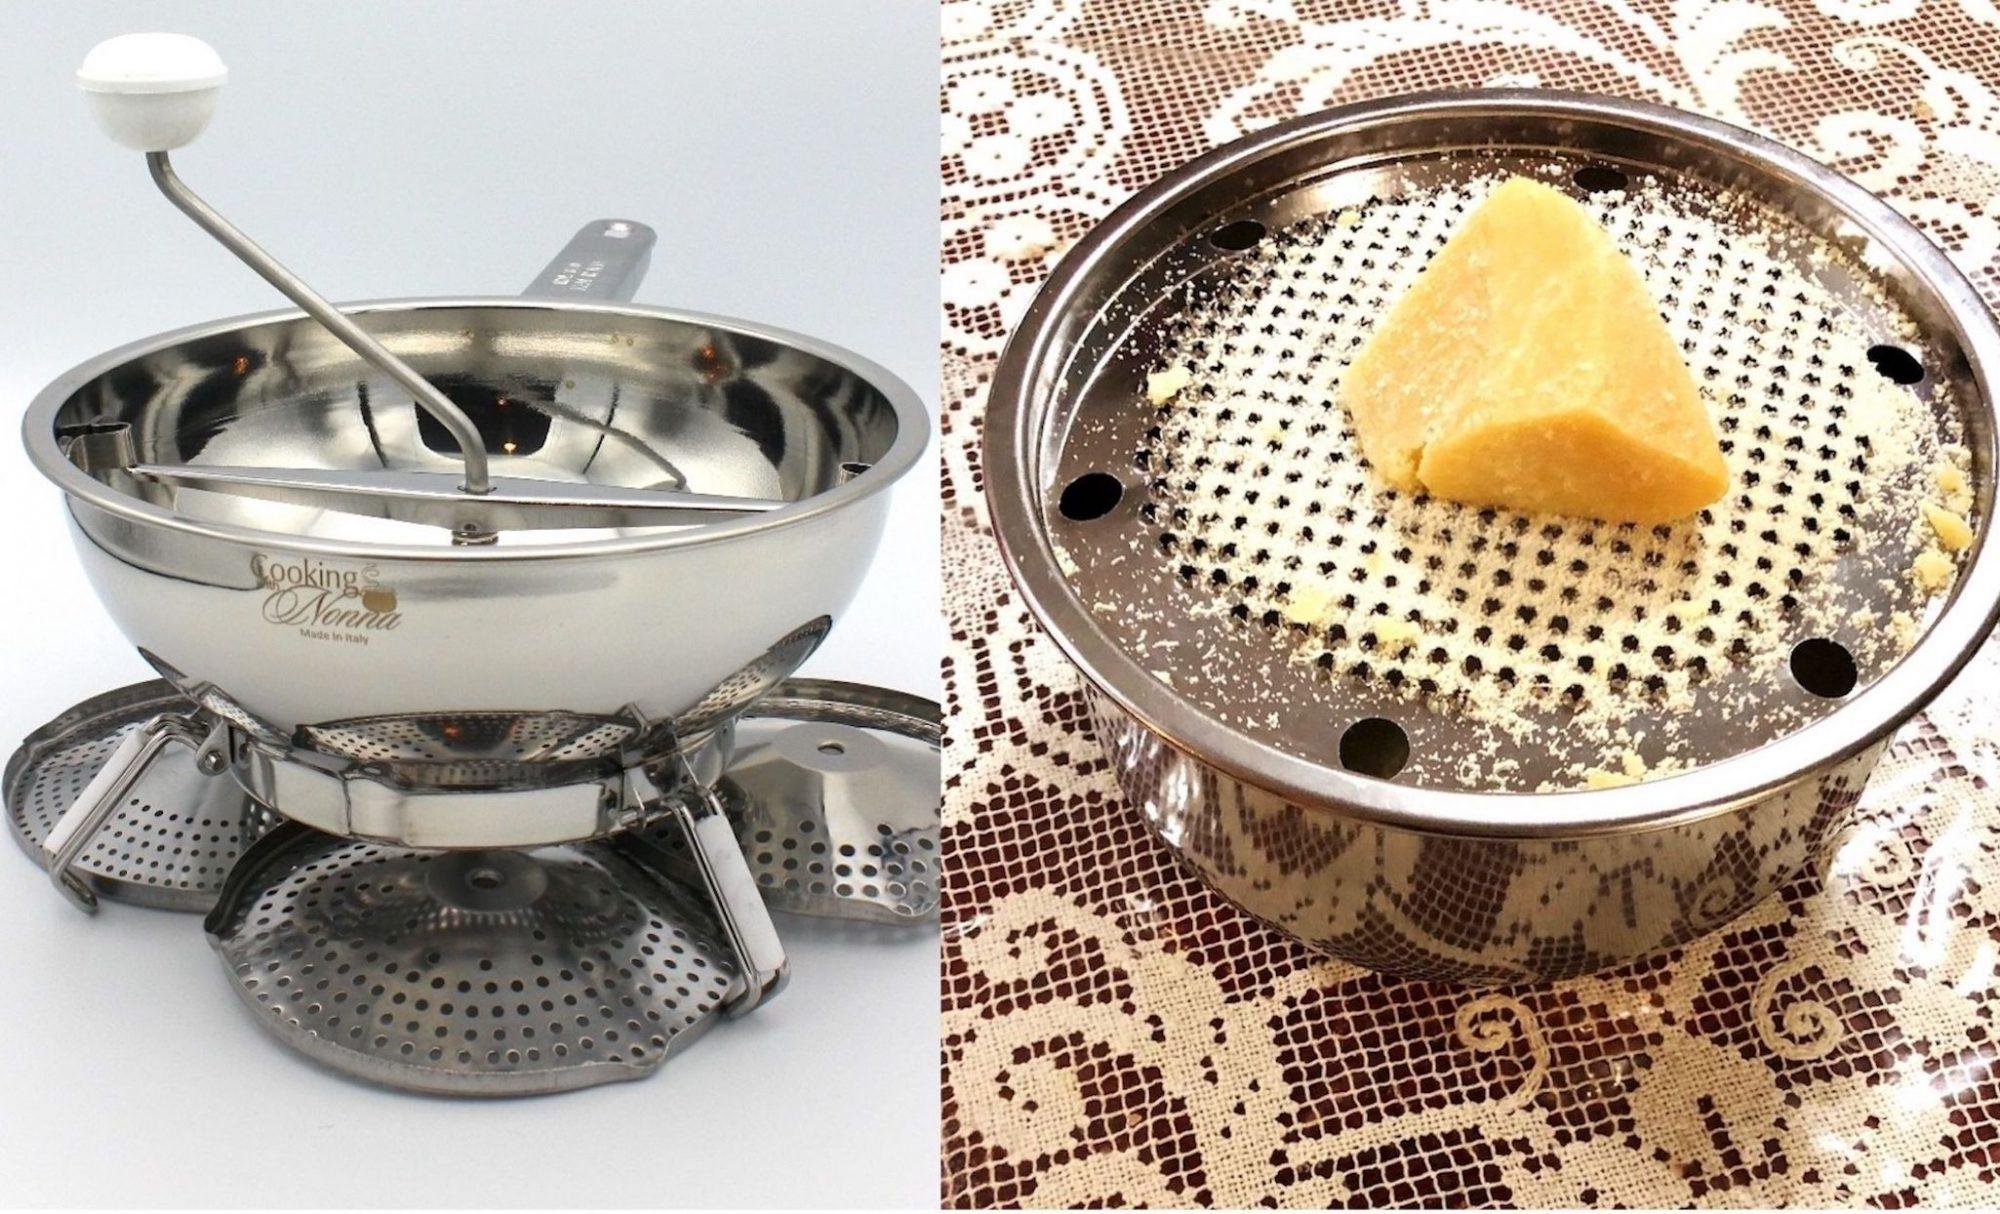 passata and cheese grater